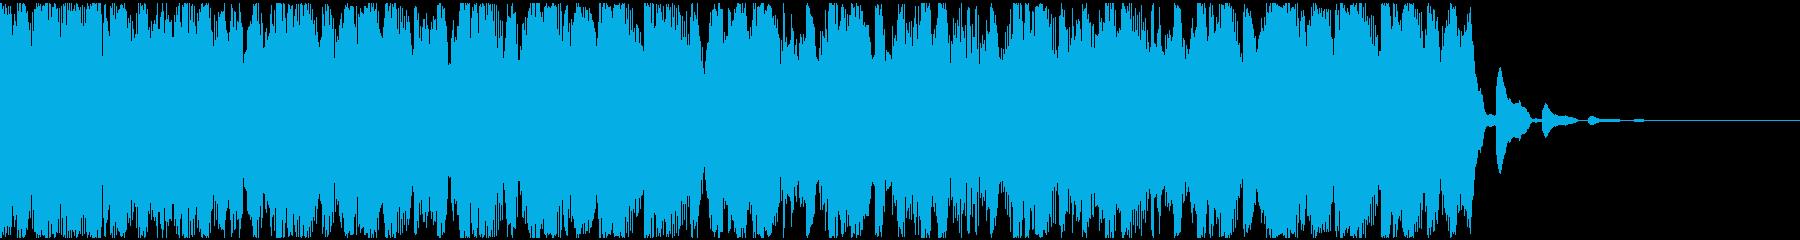 【EDM】トランス、ショート6の再生済みの波形